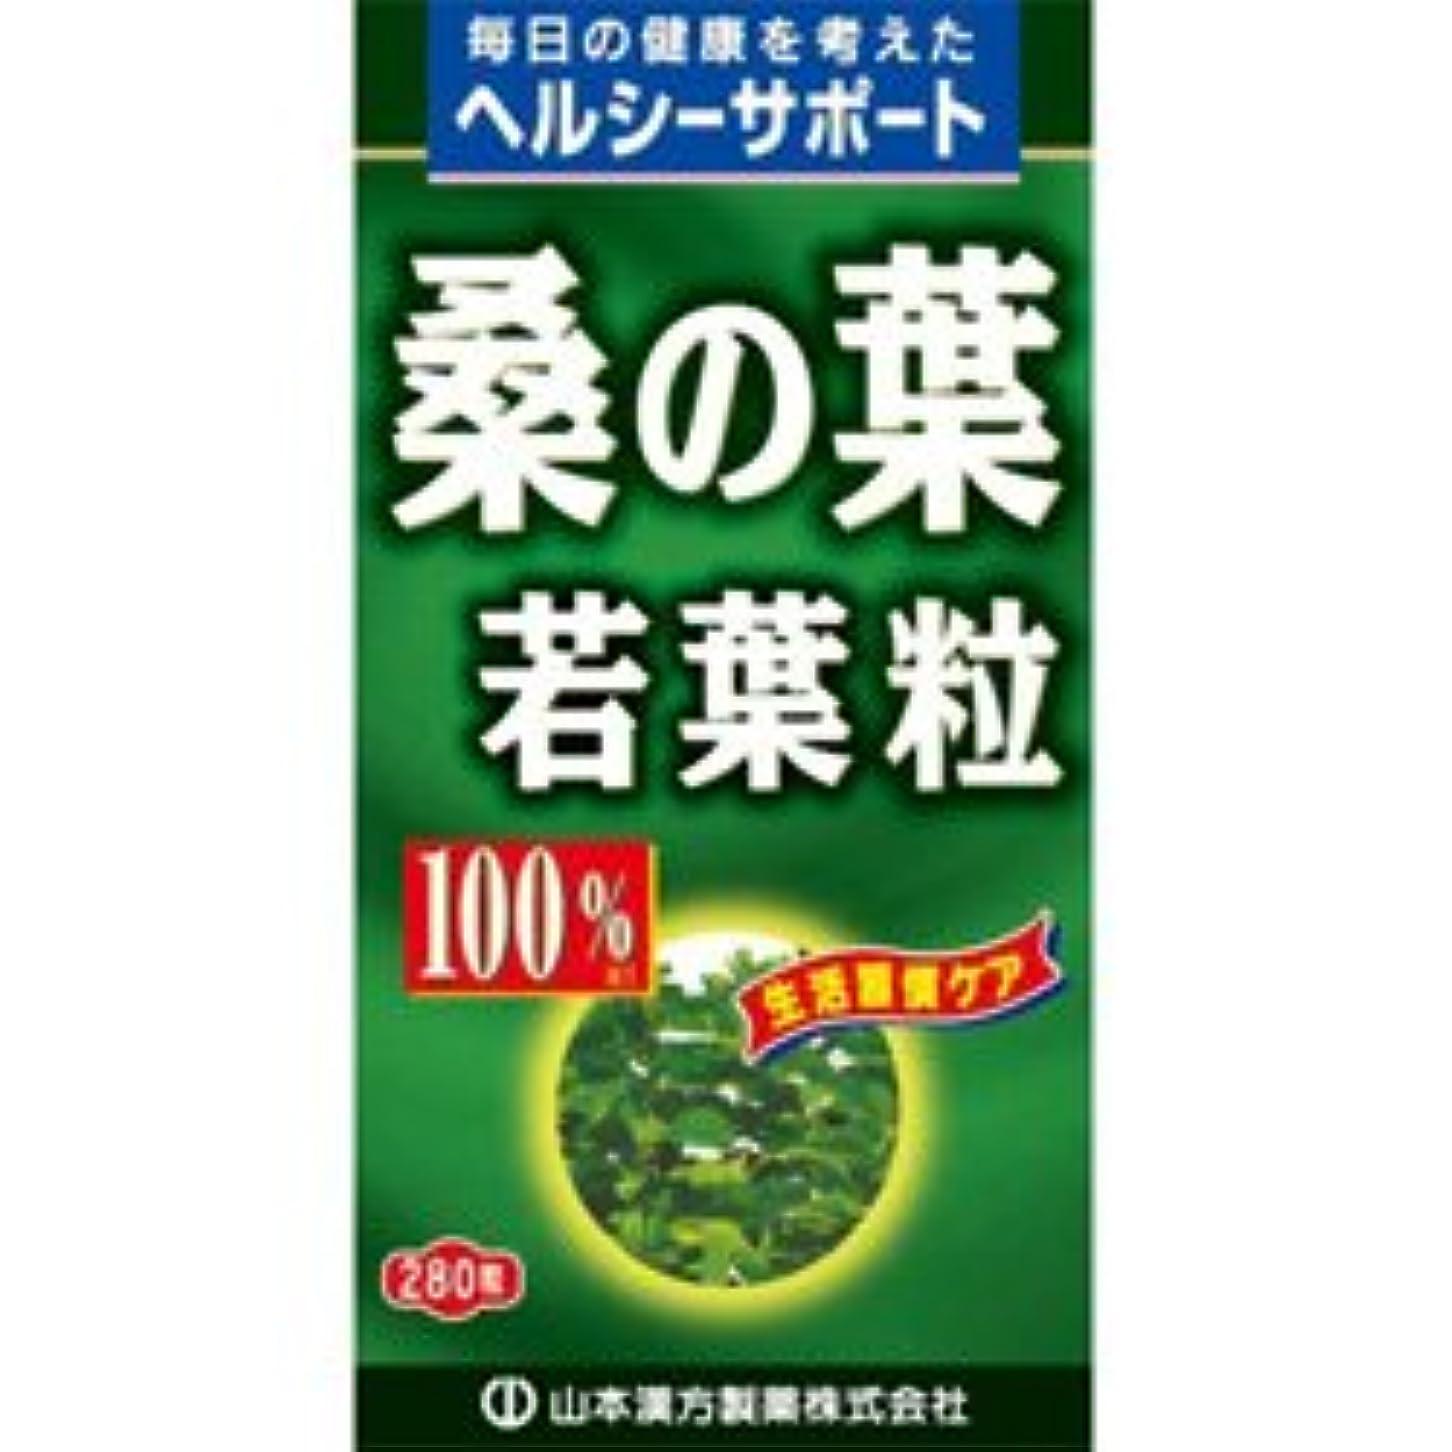 フェンス修復エーカー【山本漢方製薬】桑の葉粒 100% 280粒 ×10個セット